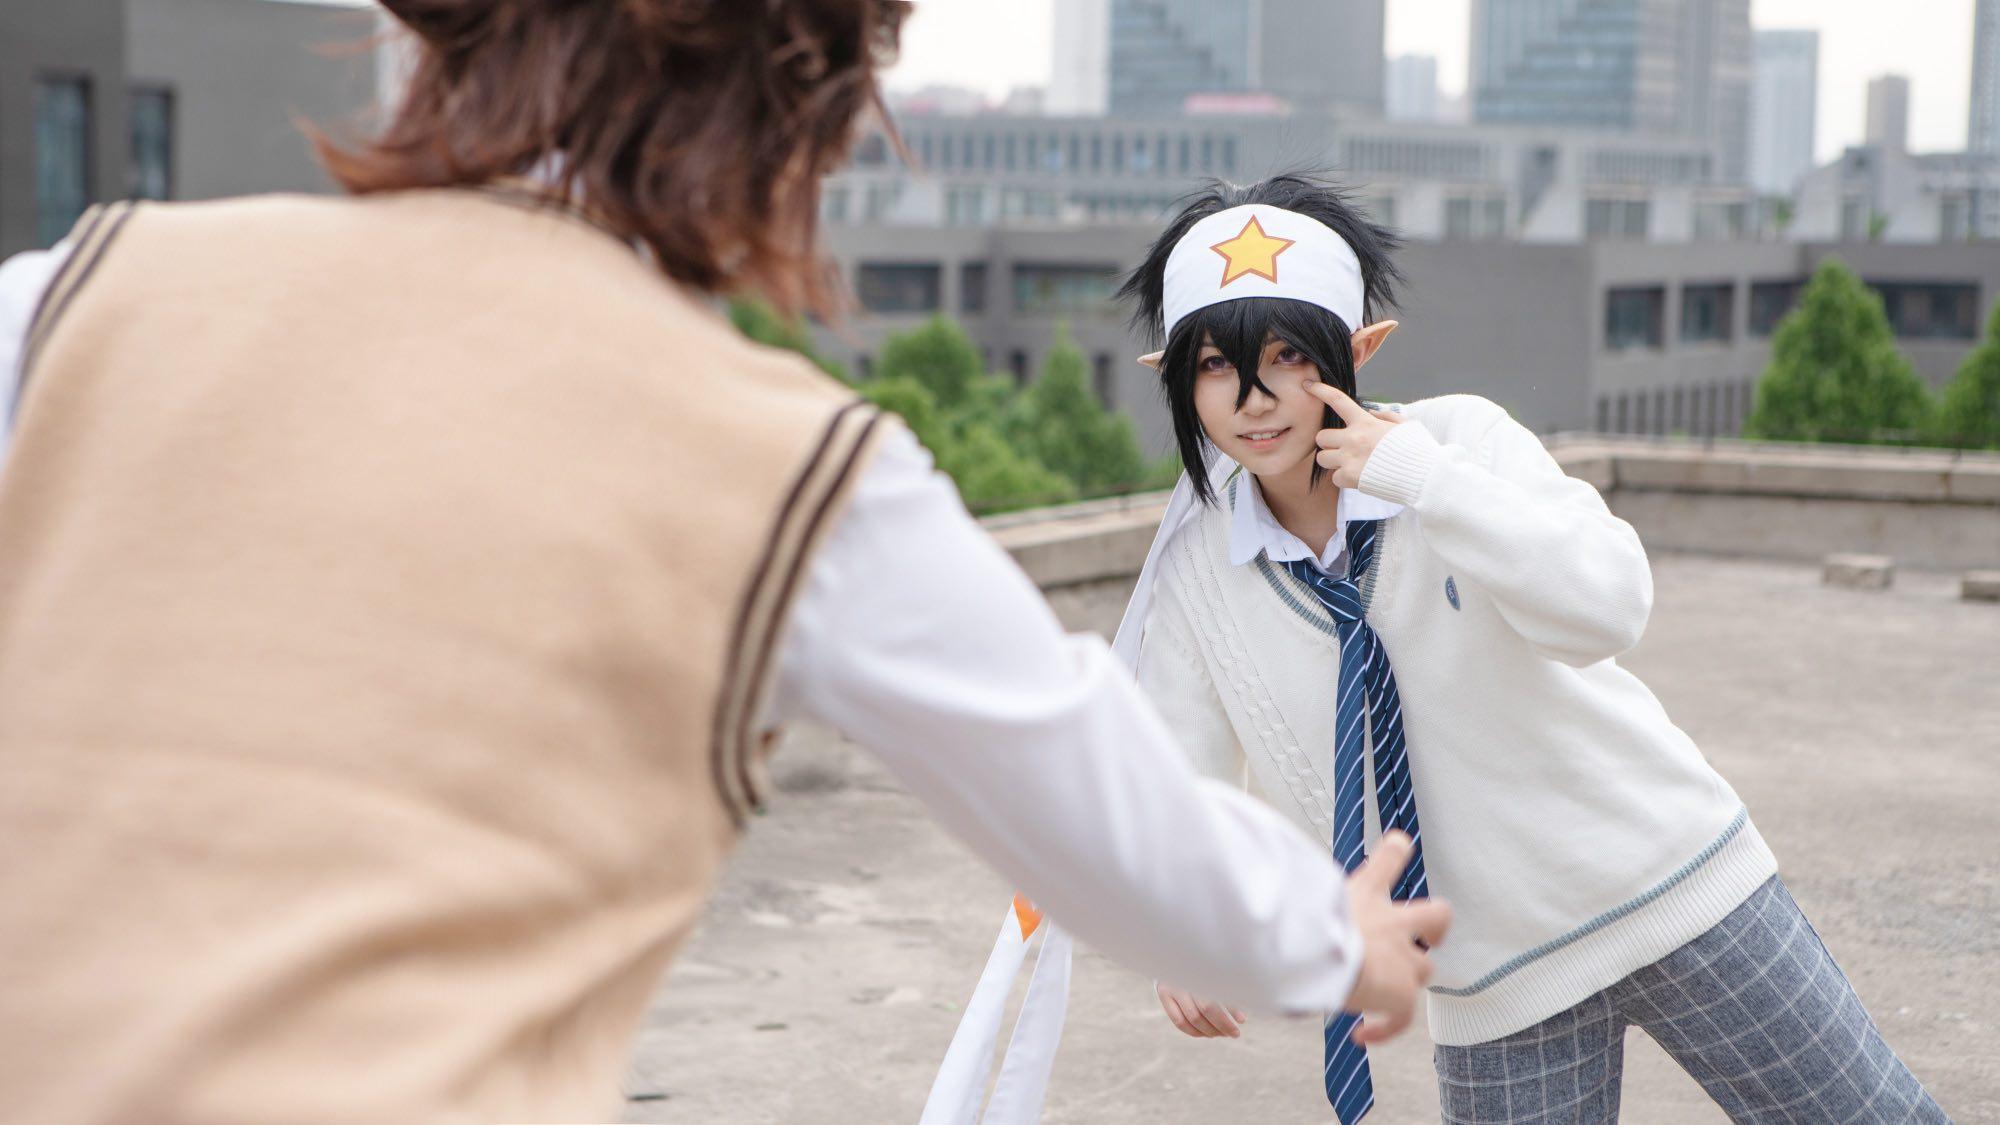 《凹凸世界》雷狮凹凸世界cosplay【CN:念念有格】-第2张